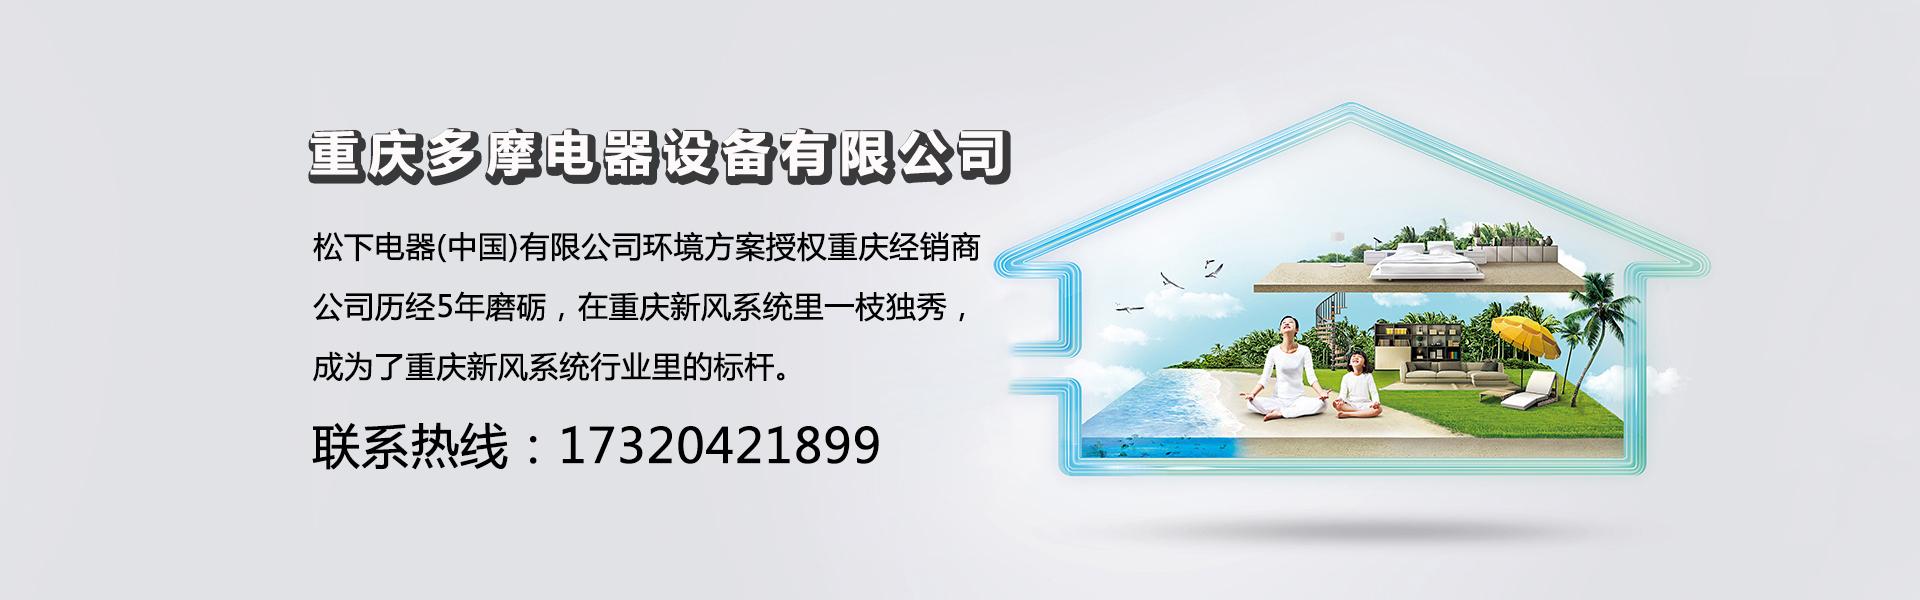 重庆多摩电器设备有限公司主要经营产品涵盖松下品牌新风、空调、空气净化器,电子指纹锁、浴霸、干手机  和排气扇等室内电器设备。